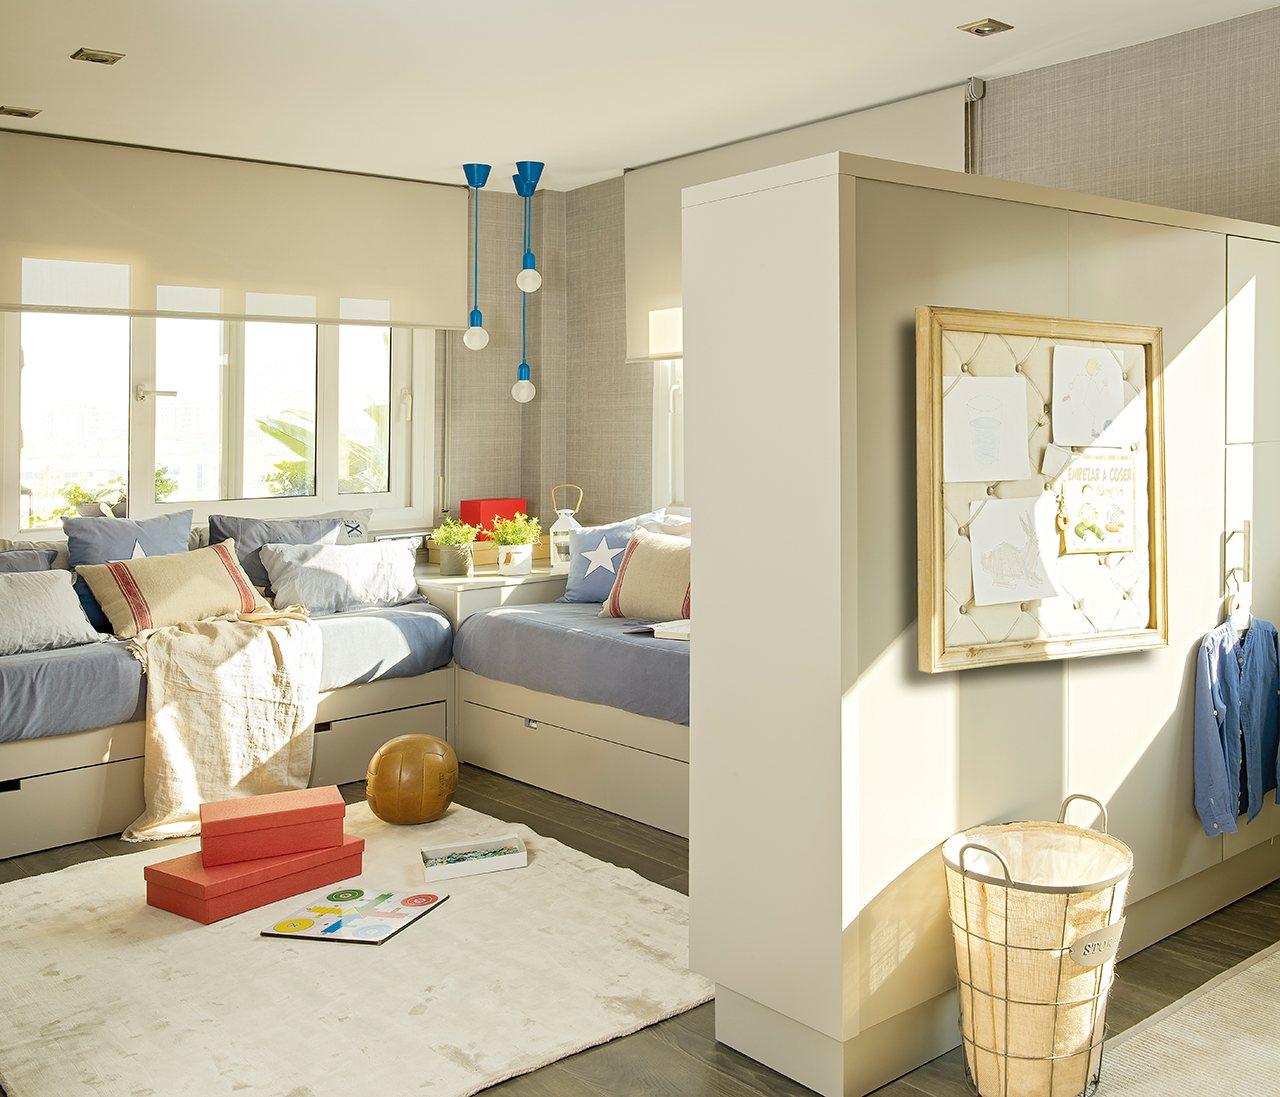 Tres dormitorios para dos crecer y compartir - Dormitorios infantiles para dos ...